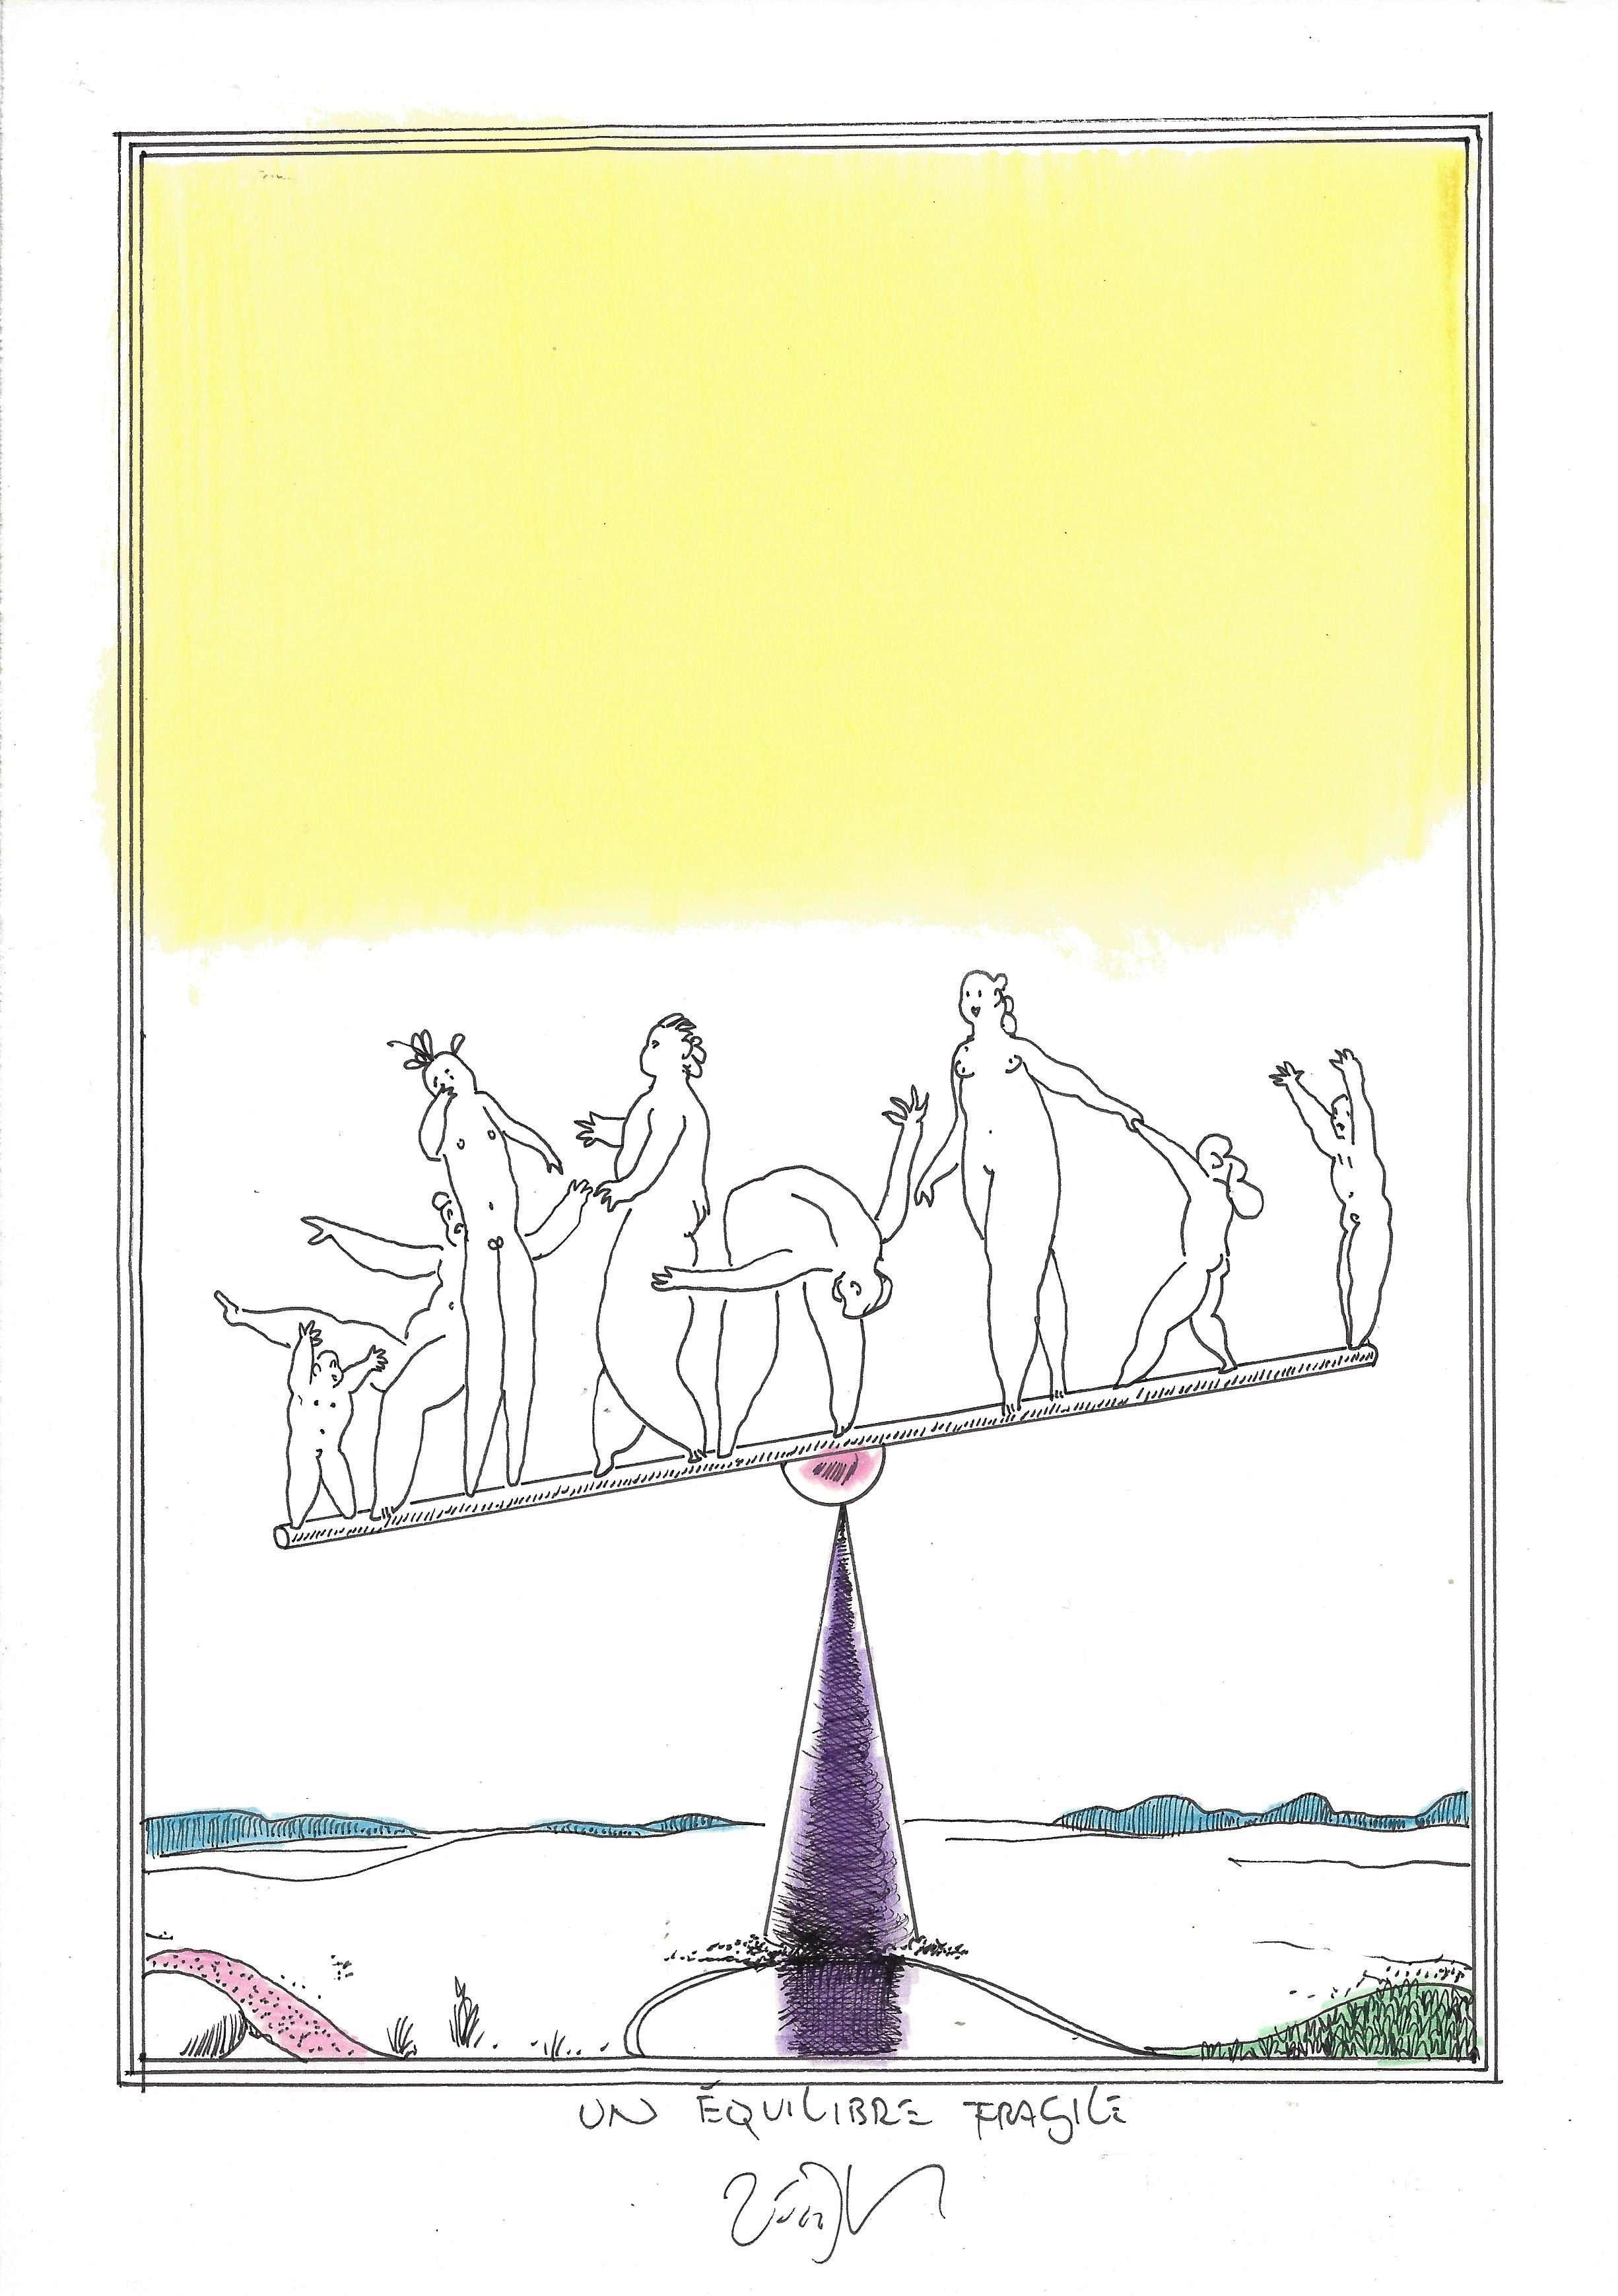 « Keeping the balance – Un équilibre fragile »